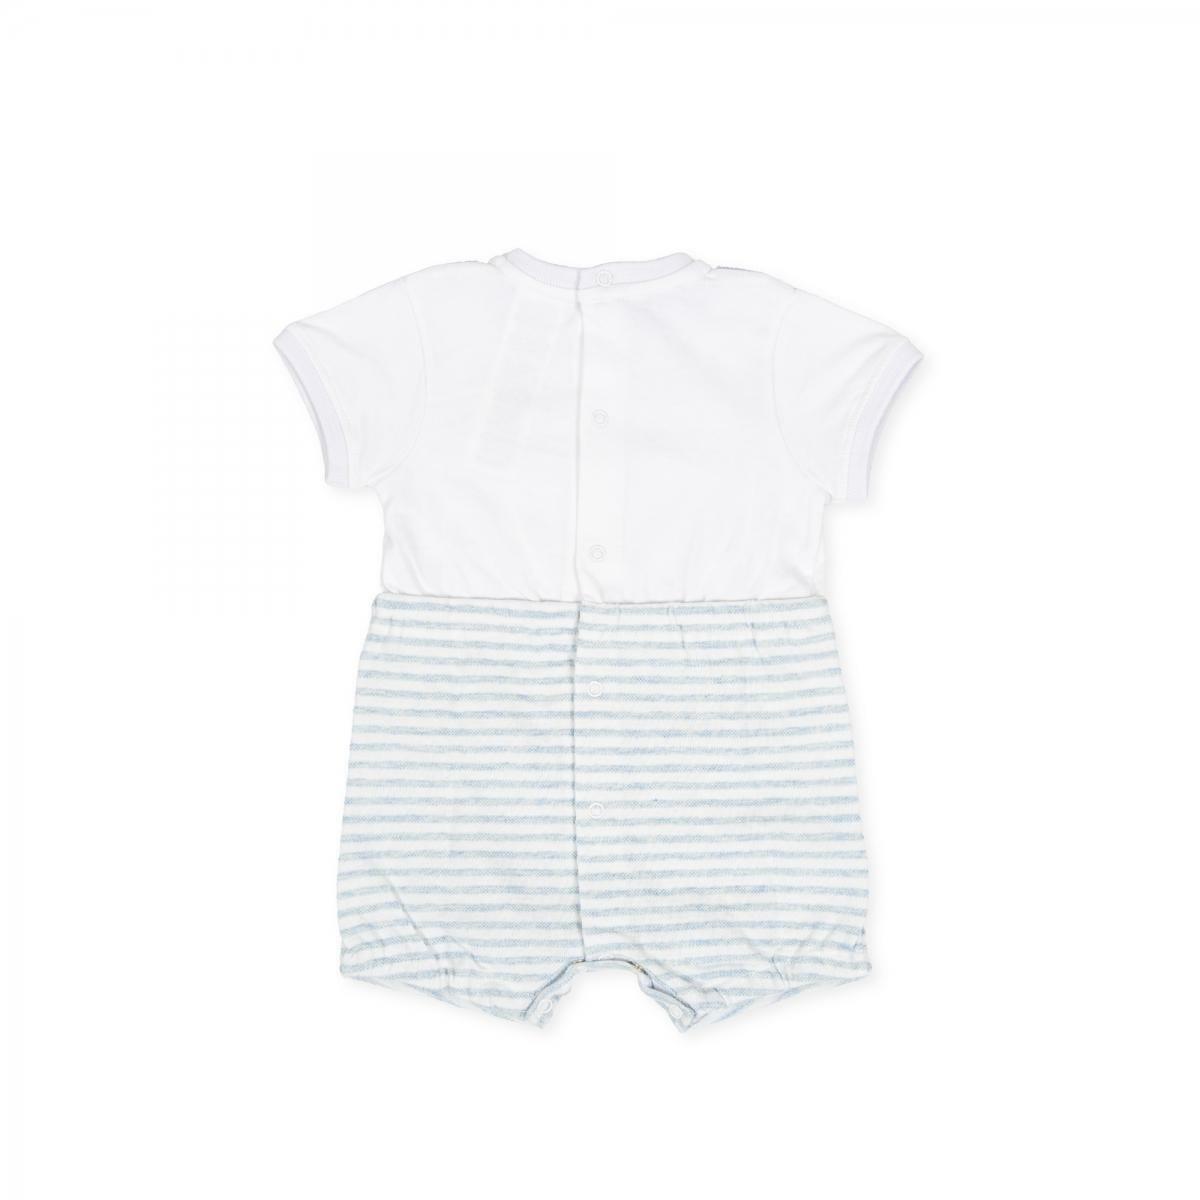 tutto piccolo tutto piccolo pagliacetto neonato bianco azzurro 8280s20